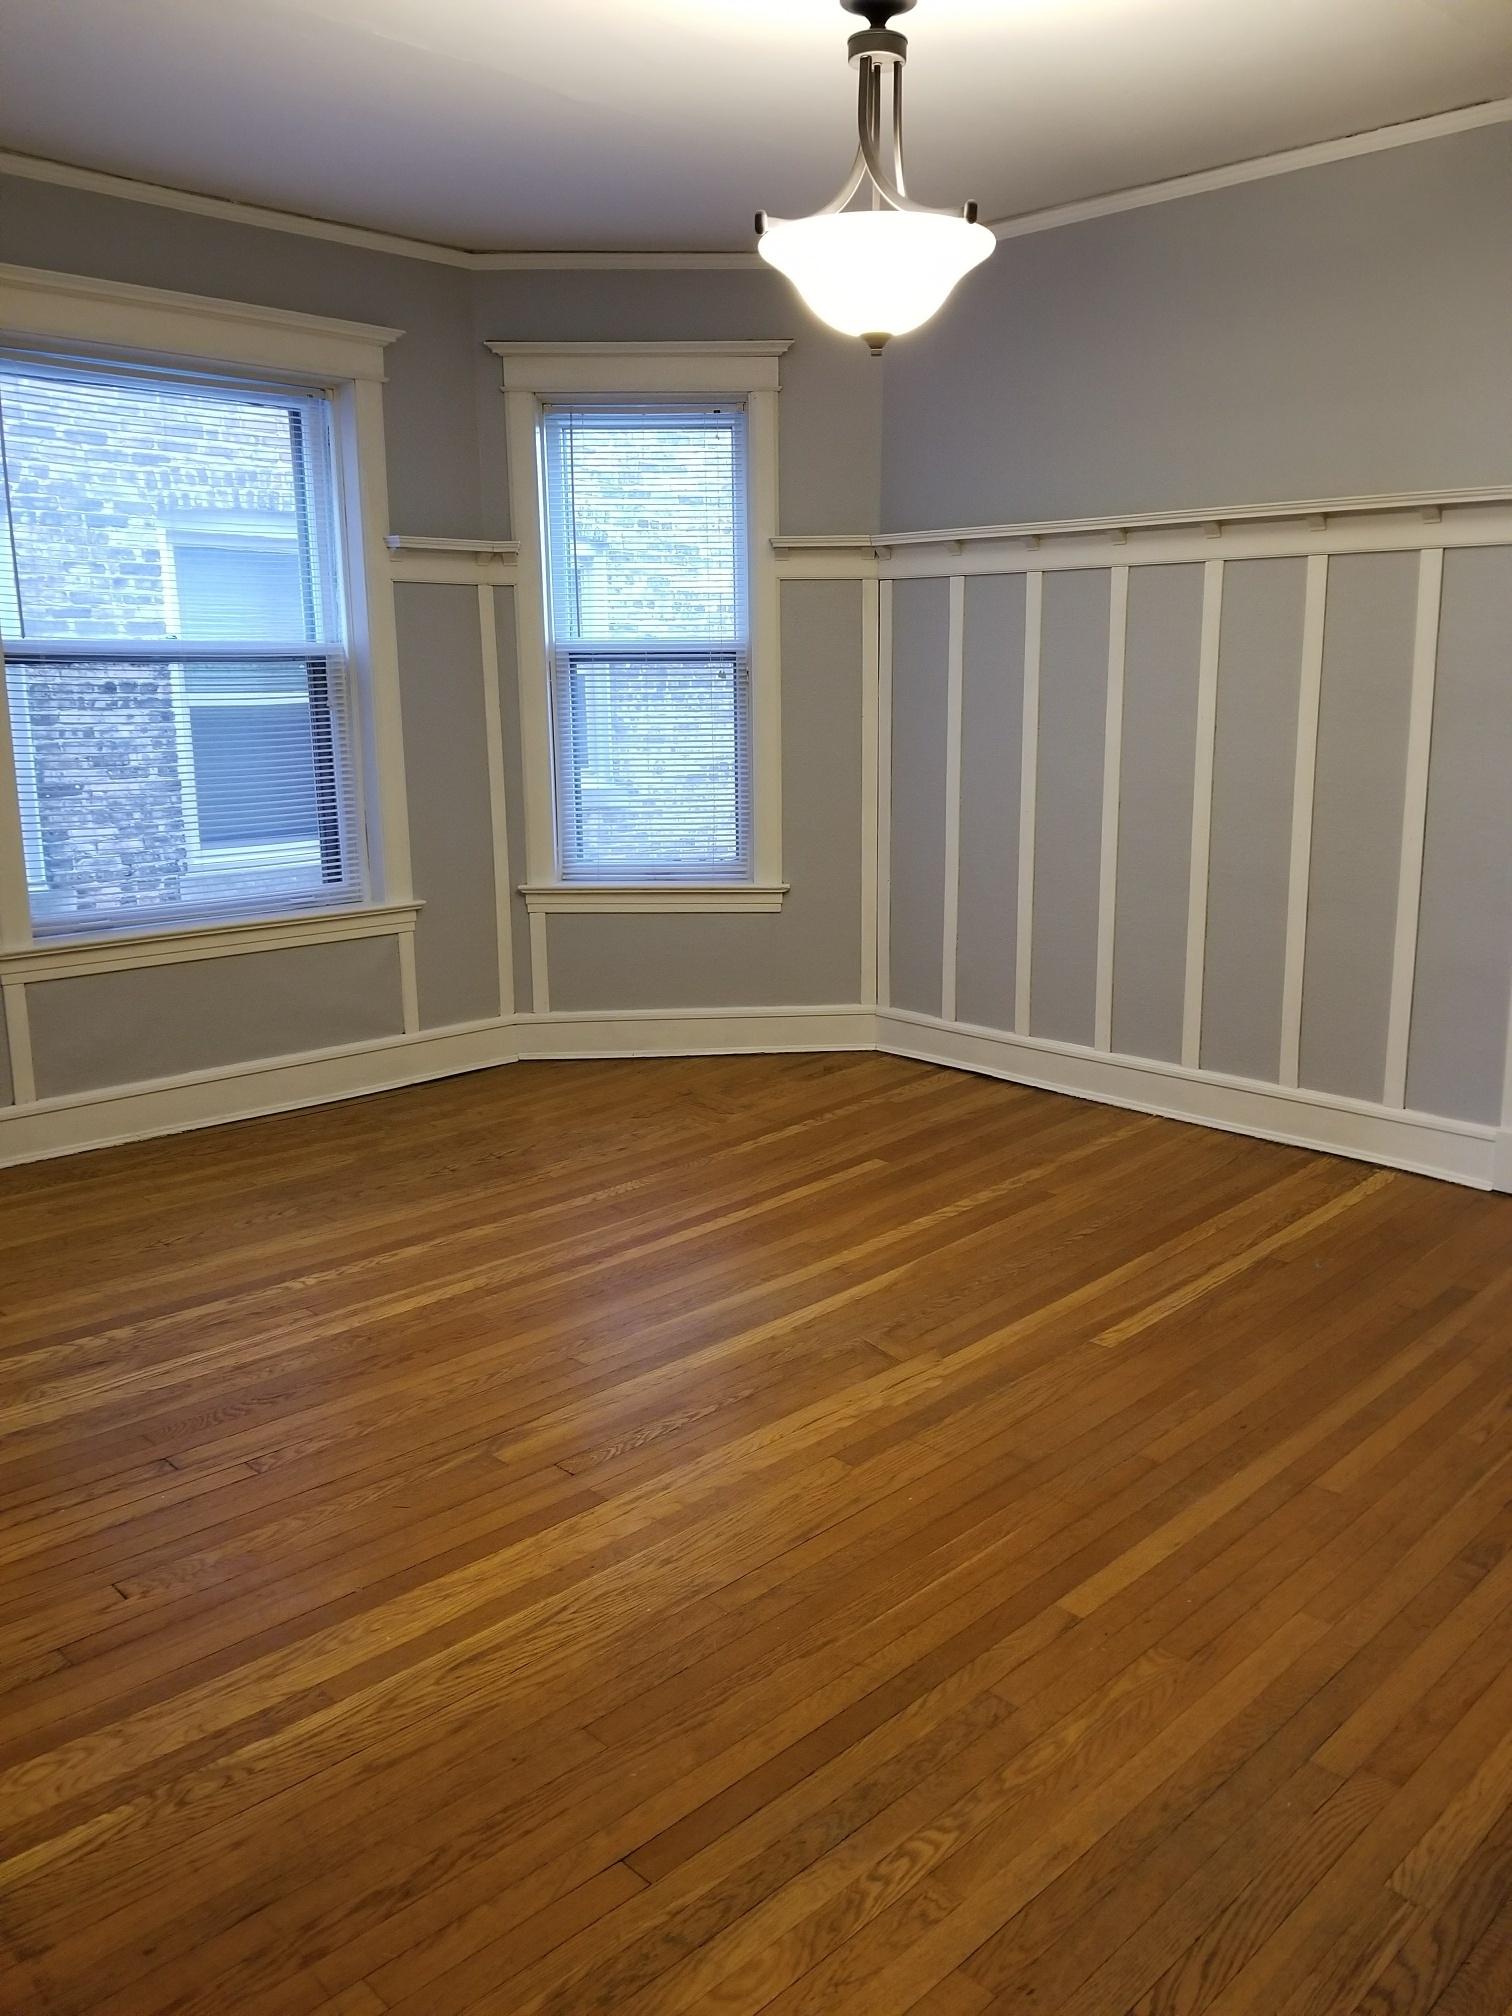 2545-3 dining room.jpg